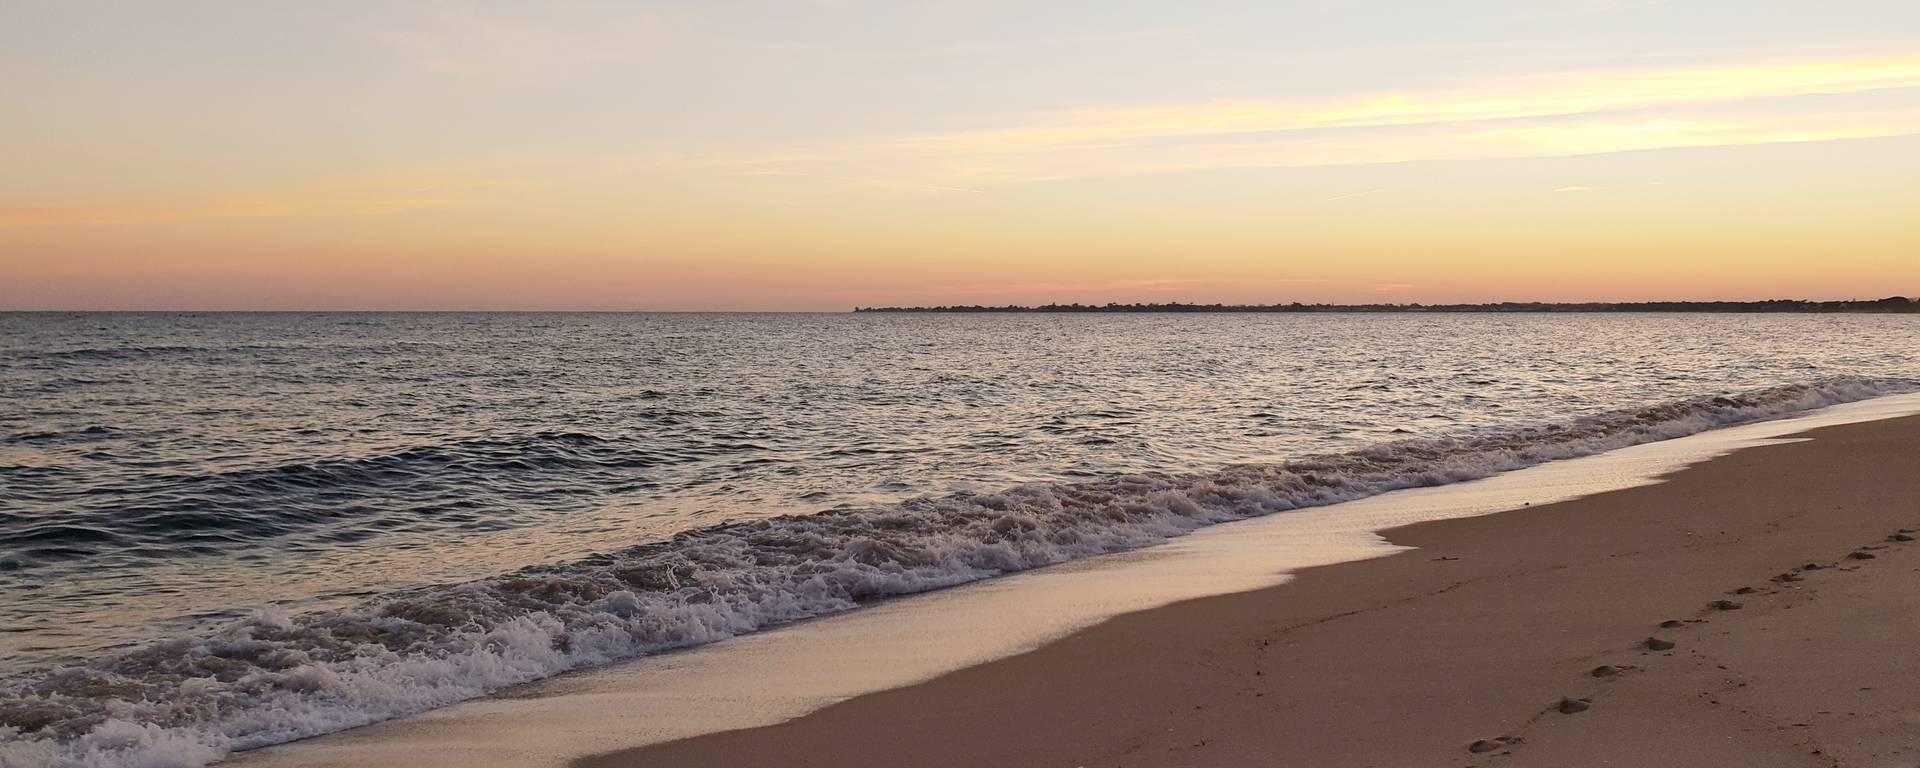 Coucher de soleil - plage de Ste Marine - © S Peuziat